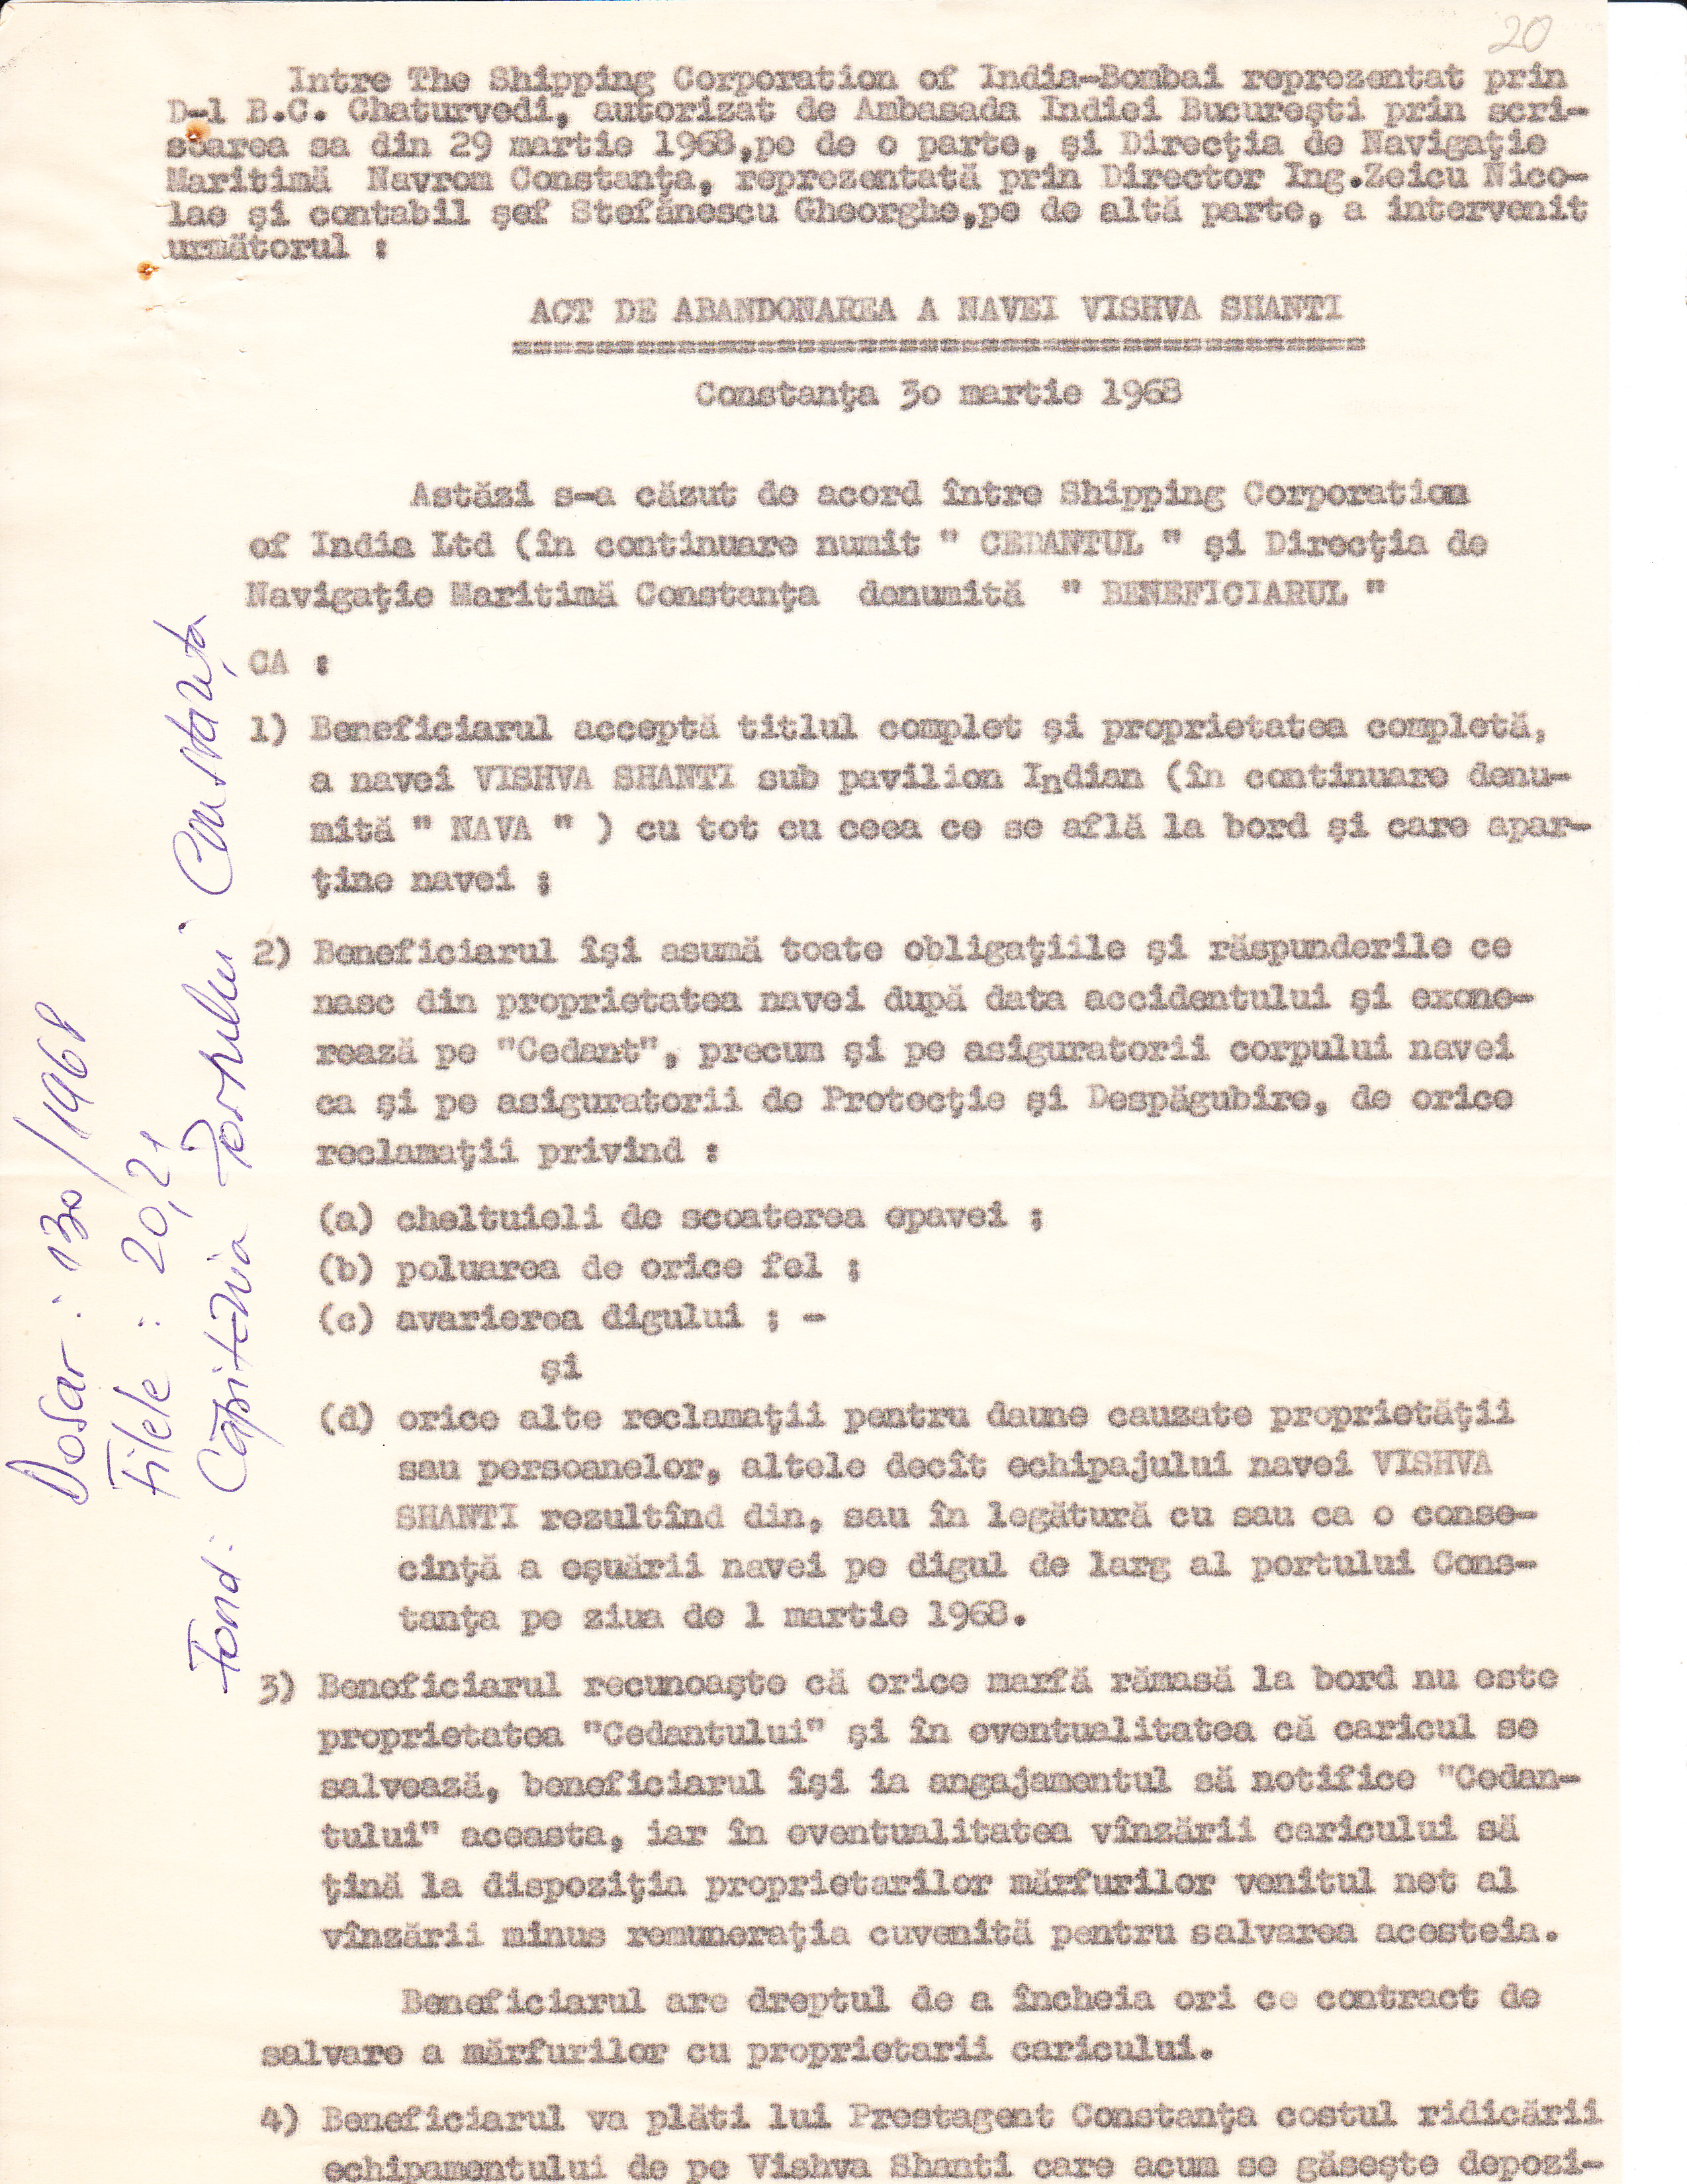 """Act de abandonare a navei """"Vishva Shanti"""" ]ncheiat între The Shipping Corporation of Bombai (India) și Direcția de Navigație Maritimă NAVROM Constanța la data de 30 martie 1968, la numai o lună după scufundarea navei indiene."""